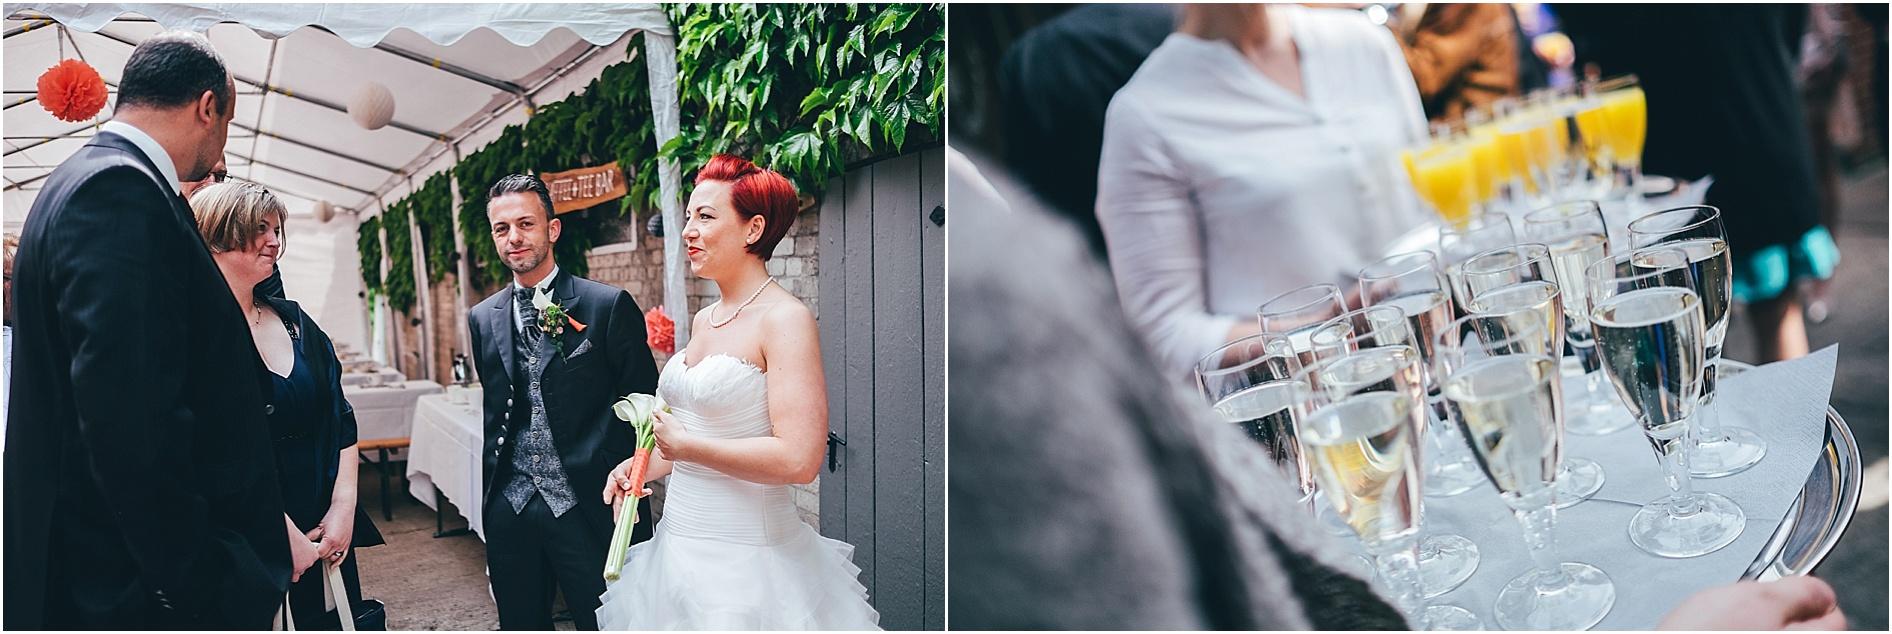 2015-10-27_0058 Tine & Chrischan - Hochzeitsfilm & Fotos in Lüneburg